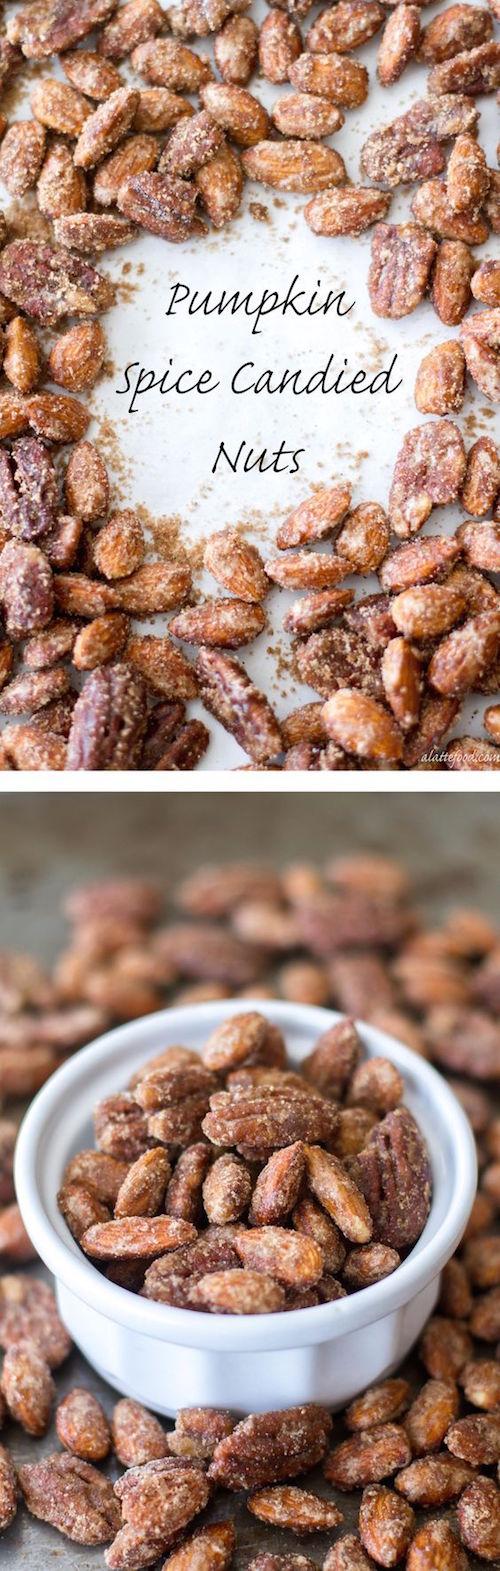 Estas nueces azucaradas son confitadas con una mezcla de especias de pastel de calabaza, azúcar blanca y morena para hacer el recuerdo de bodas comestible más irresistible!